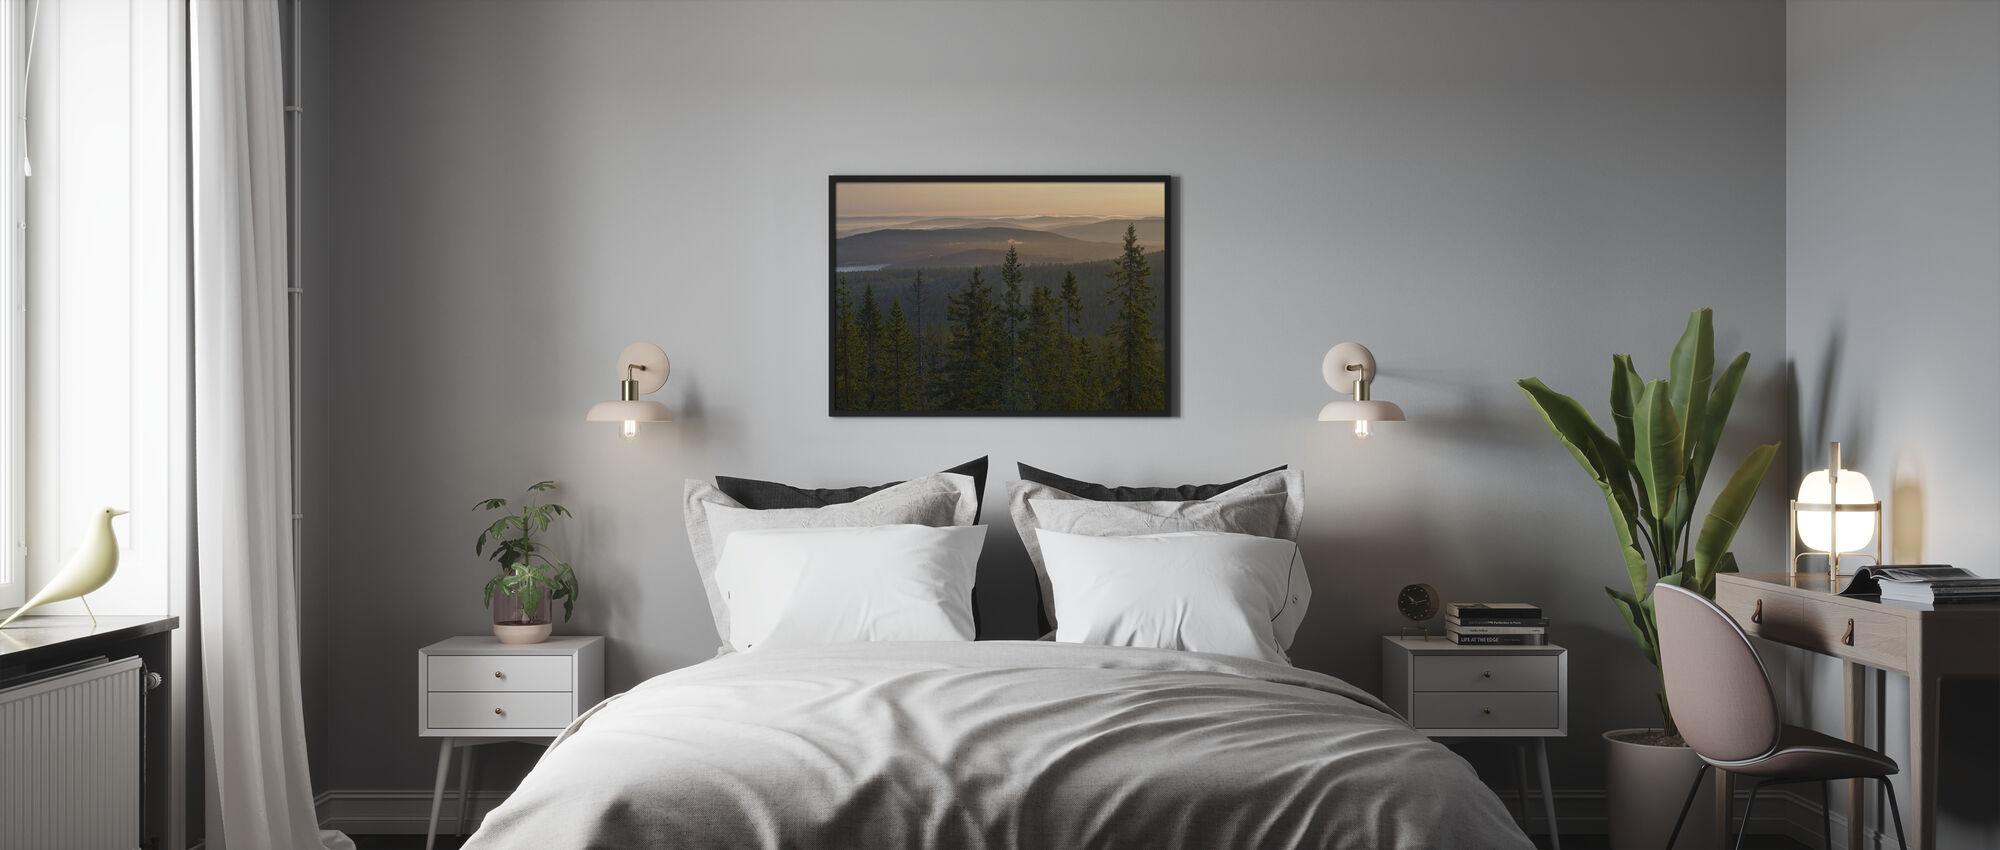 Skuleskogen National Park Spruces, Sverige - Plakat - Soveværelse